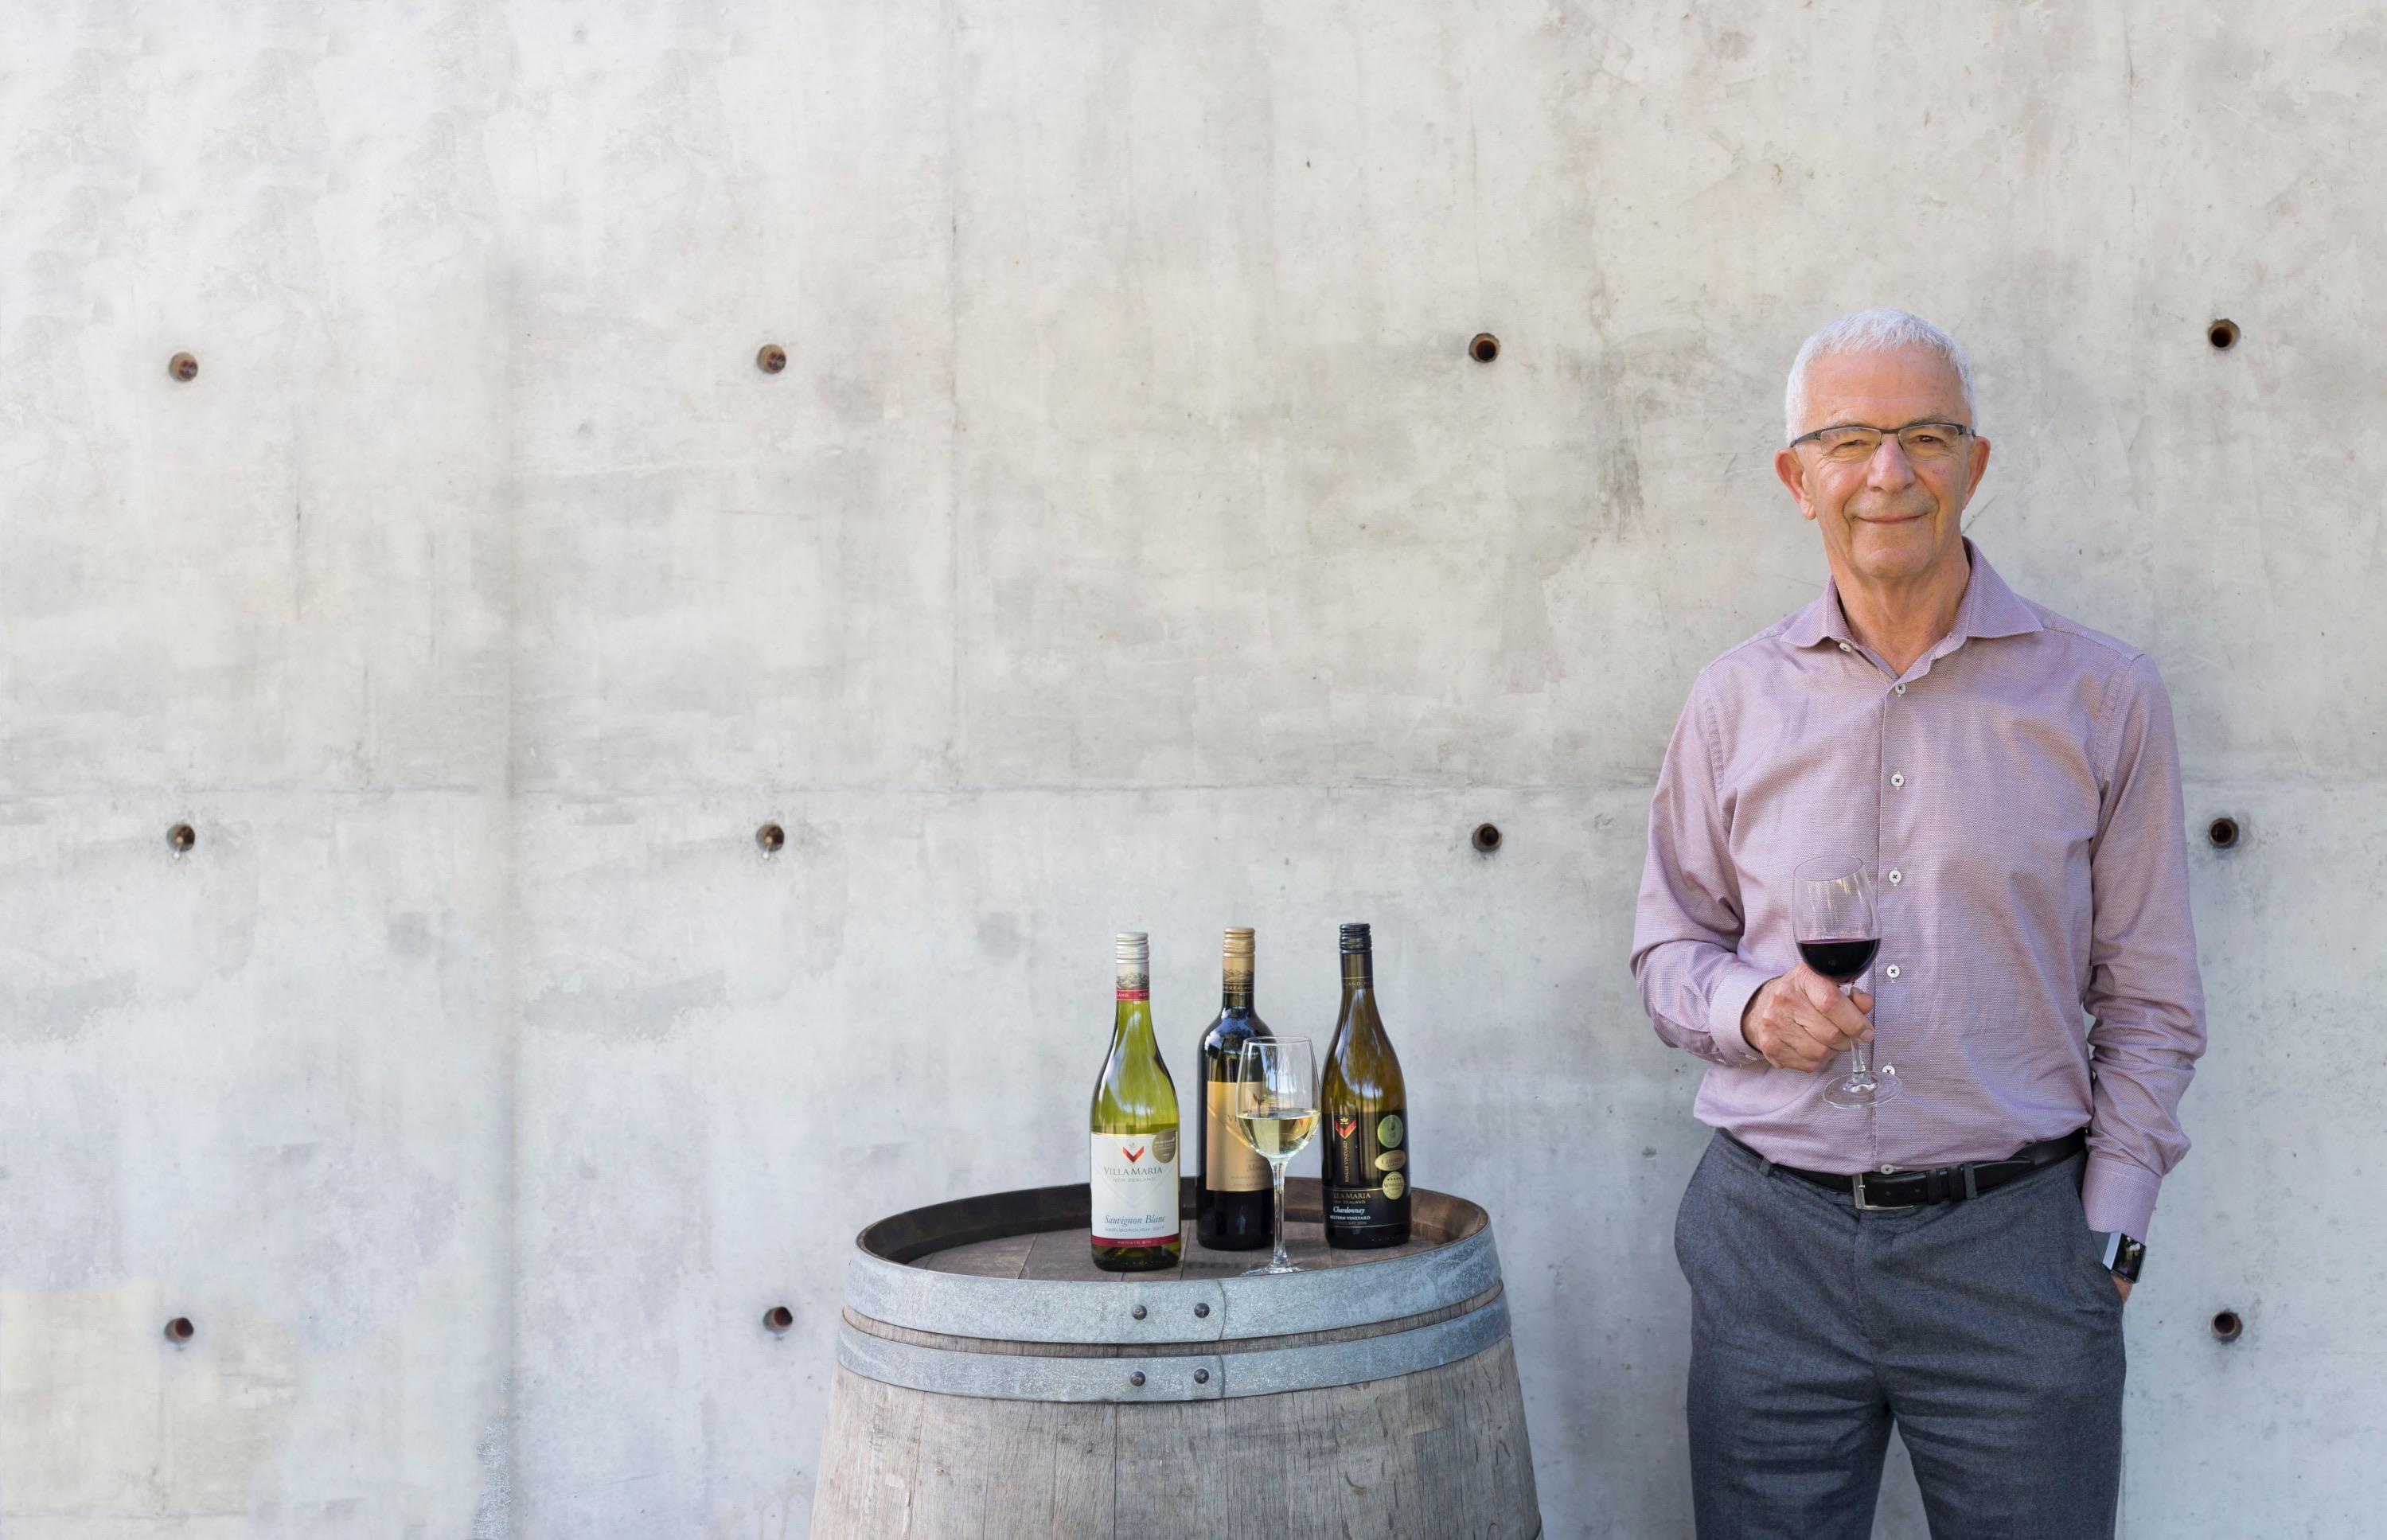 """Villa Maria gehört zu den """"Most Admired Wine Brands"""" der Welt: Neuseeländisches Familienweingut erstmals unter den Top 3"""